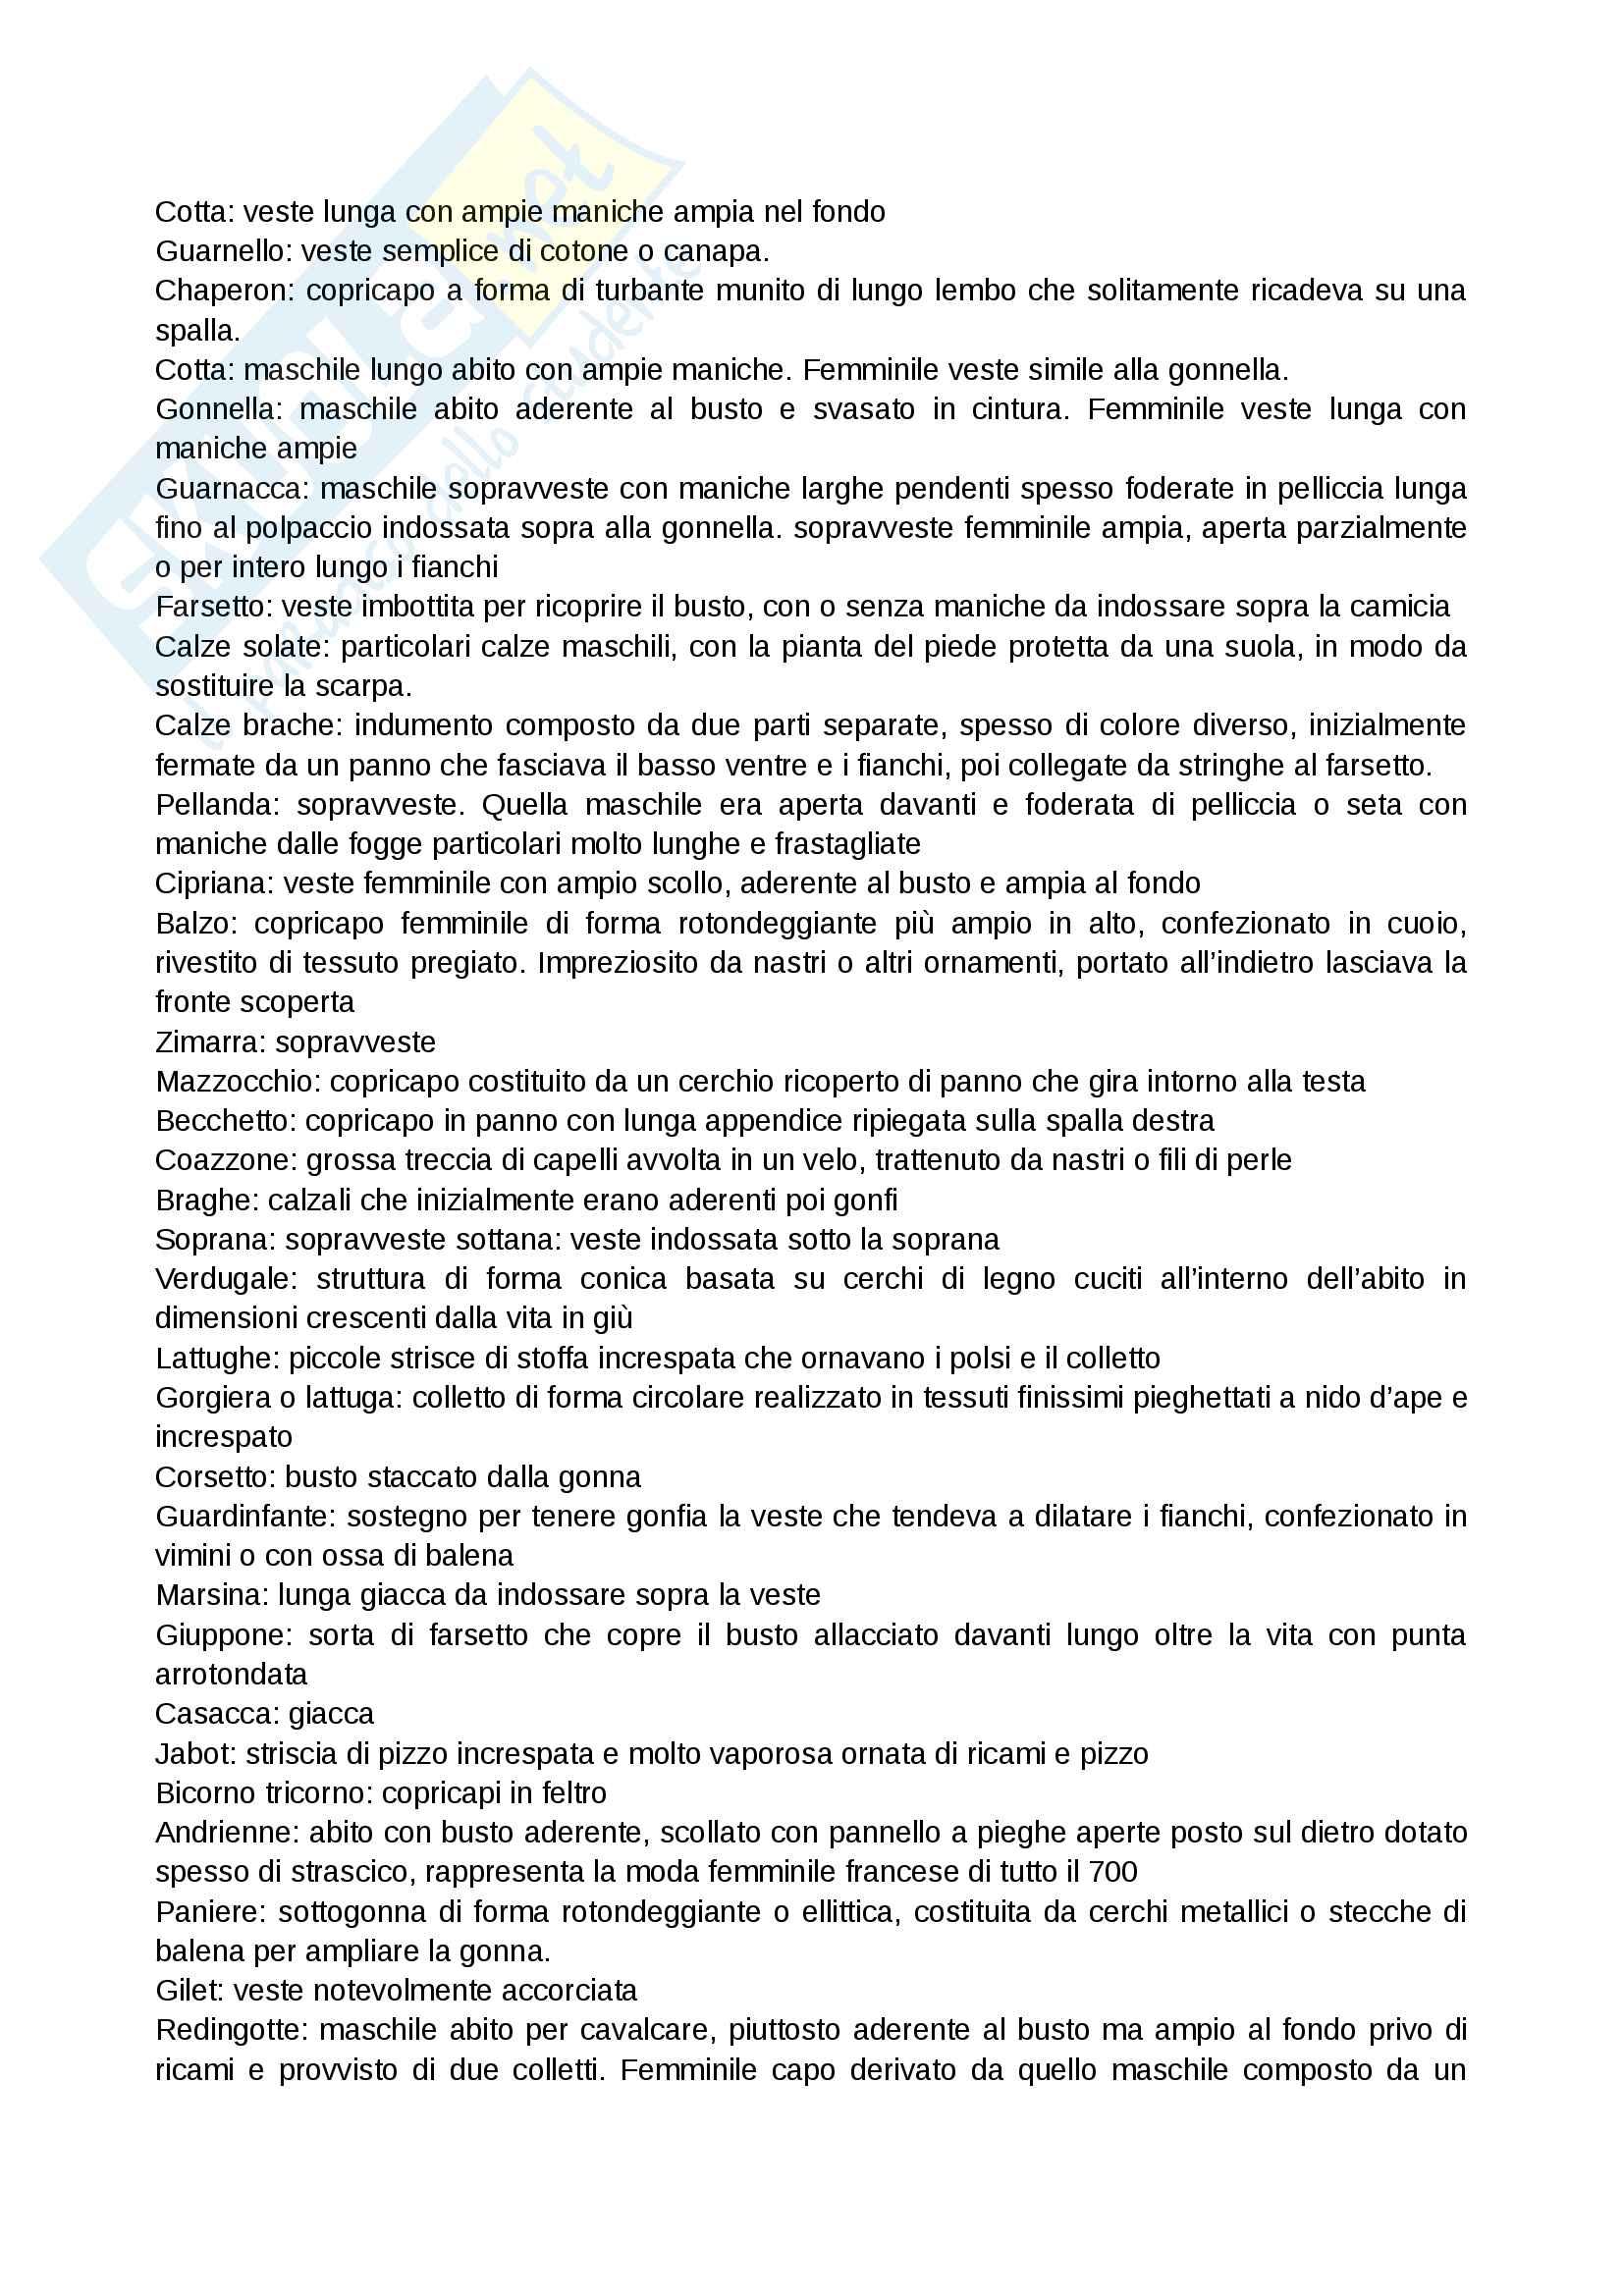 Appunti delle lezioni sui capi e le definizioni da sapere per l'esame di storia del costume e della moda, prof.ssa Muzzarelli